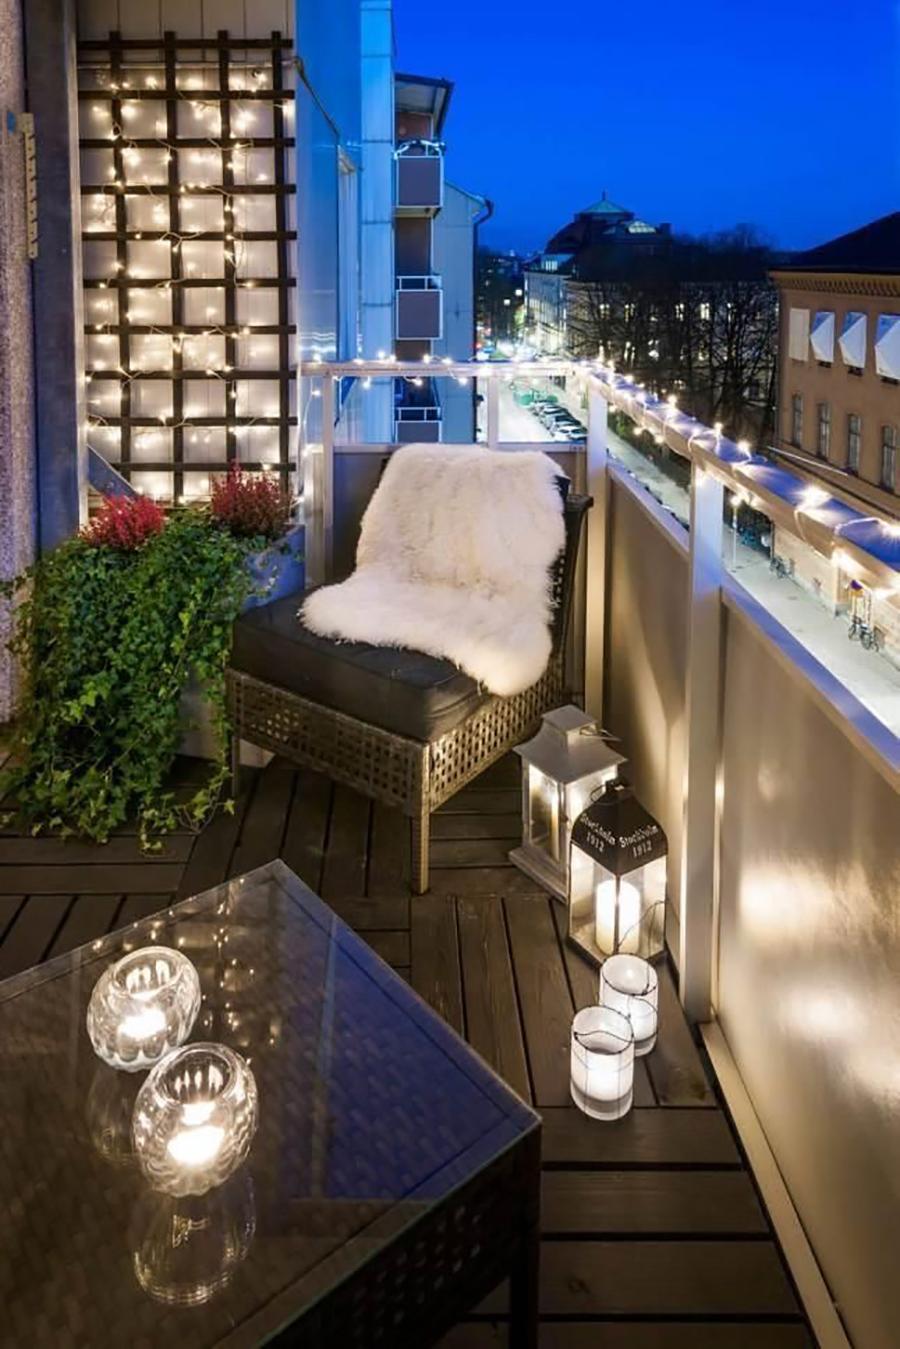 Un balcón con tiras de luces led y fanales. Completan la iluminación velas sobre la mesa y en el piso.